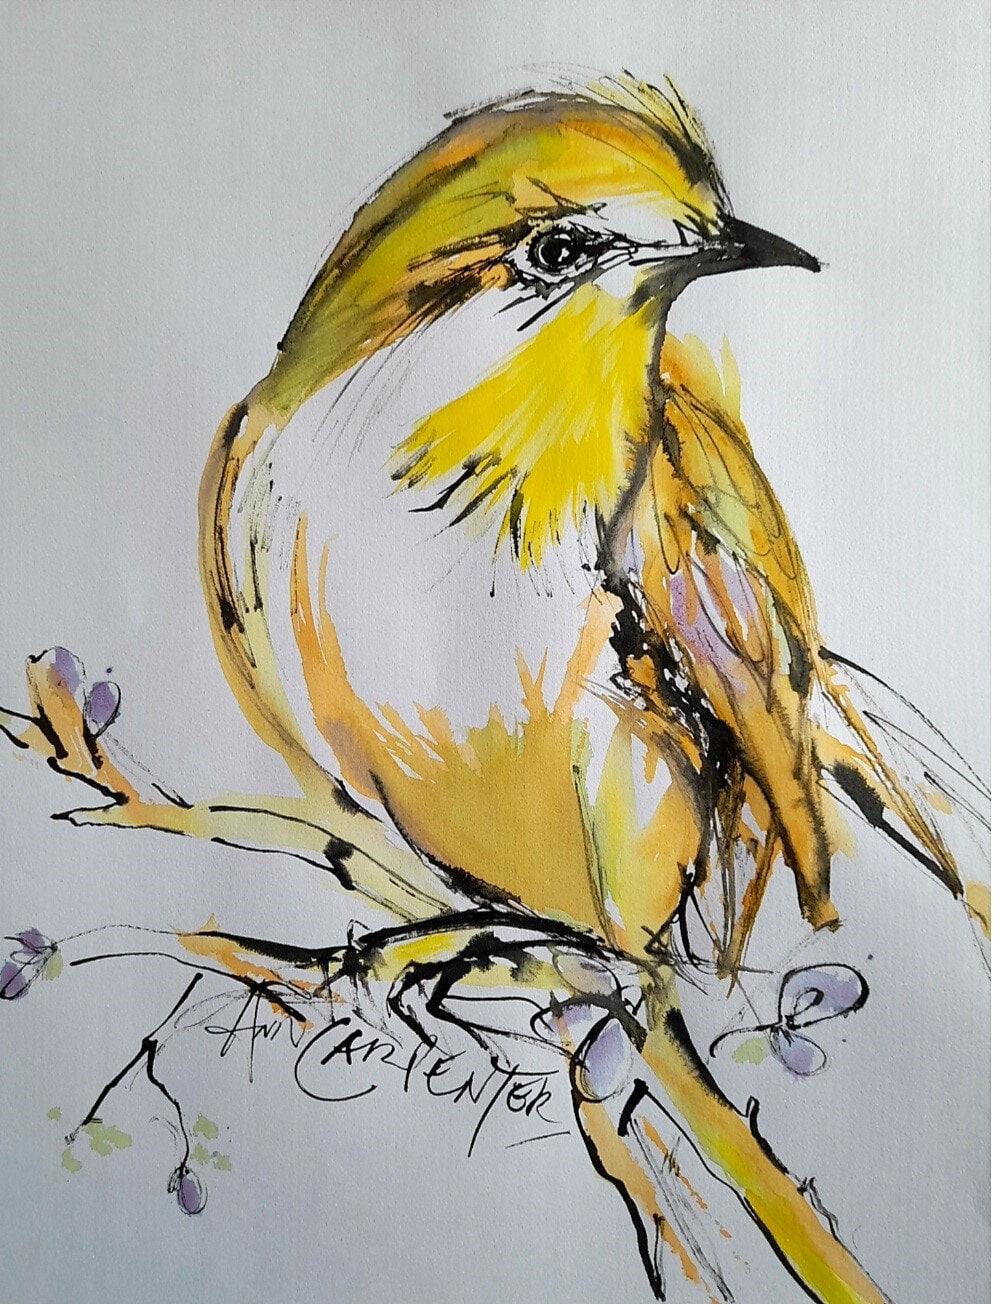 AnnCarpenter-SALA-Fleeting Perch-Ink+watercolourOnPaper-53x73cmFramed